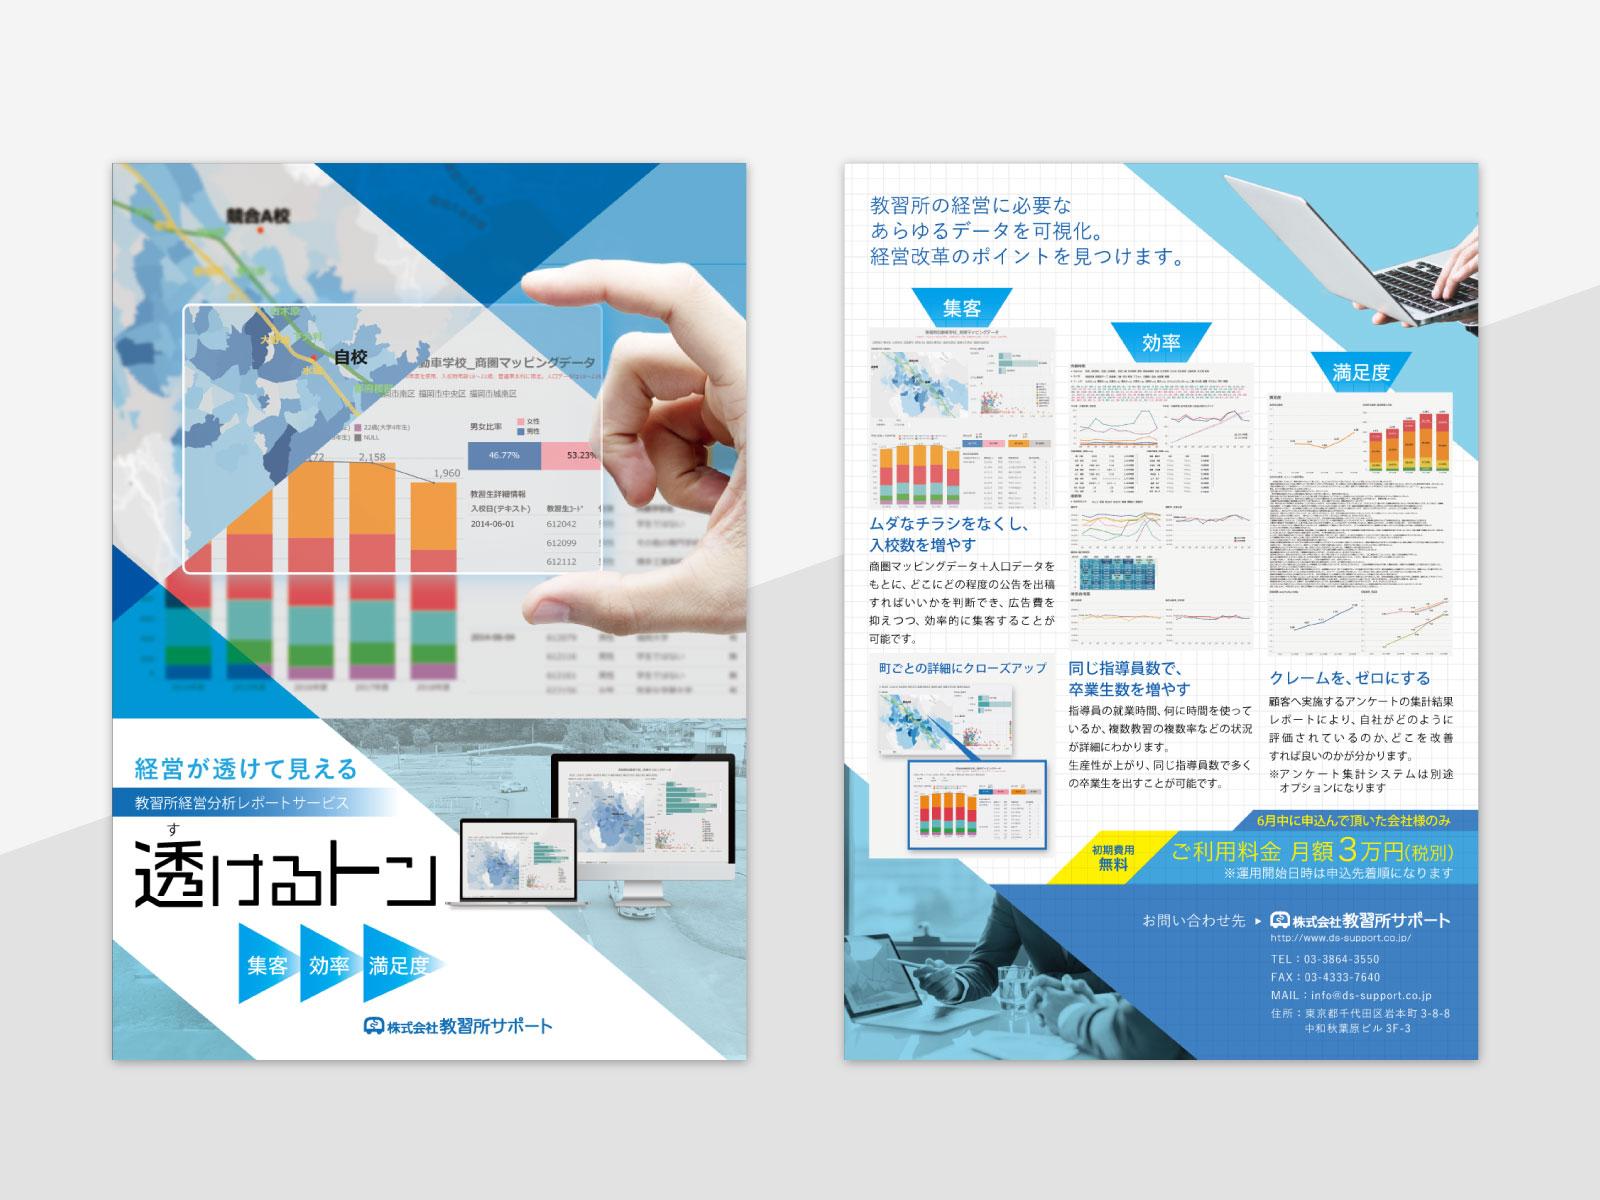 教習所経営分析サービス「透けるトン」チラシ デザイン案